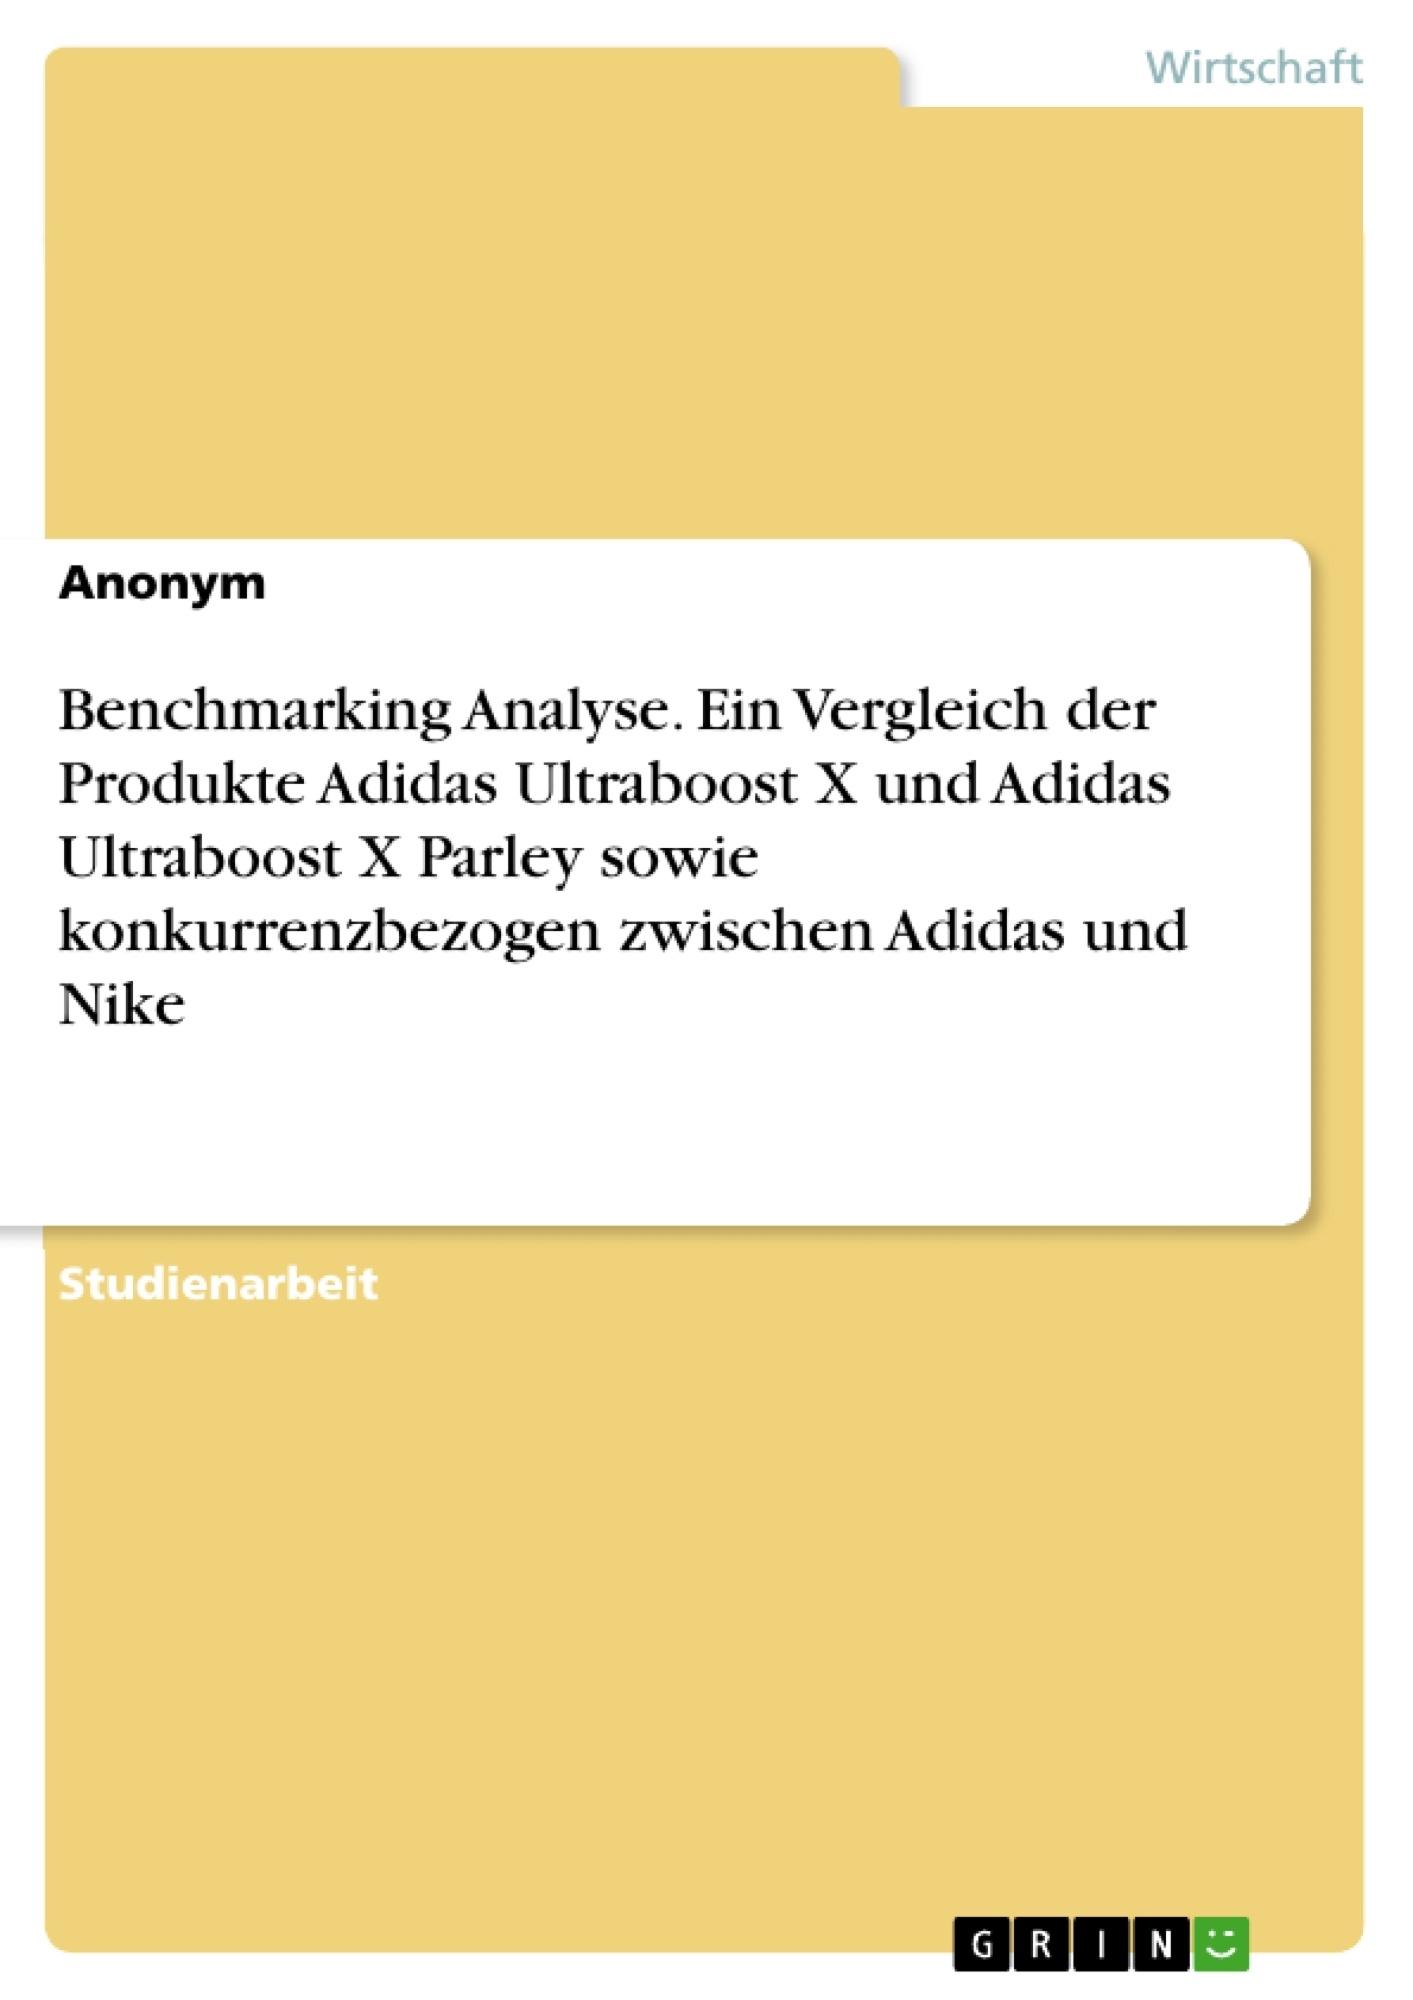 Titel: Benchmarking Analyse. Ein Vergleich der Produkte Adidas Ultraboost X und Adidas Ultraboost X Parley sowie konkurrenzbezogen zwischen Adidas und Nike